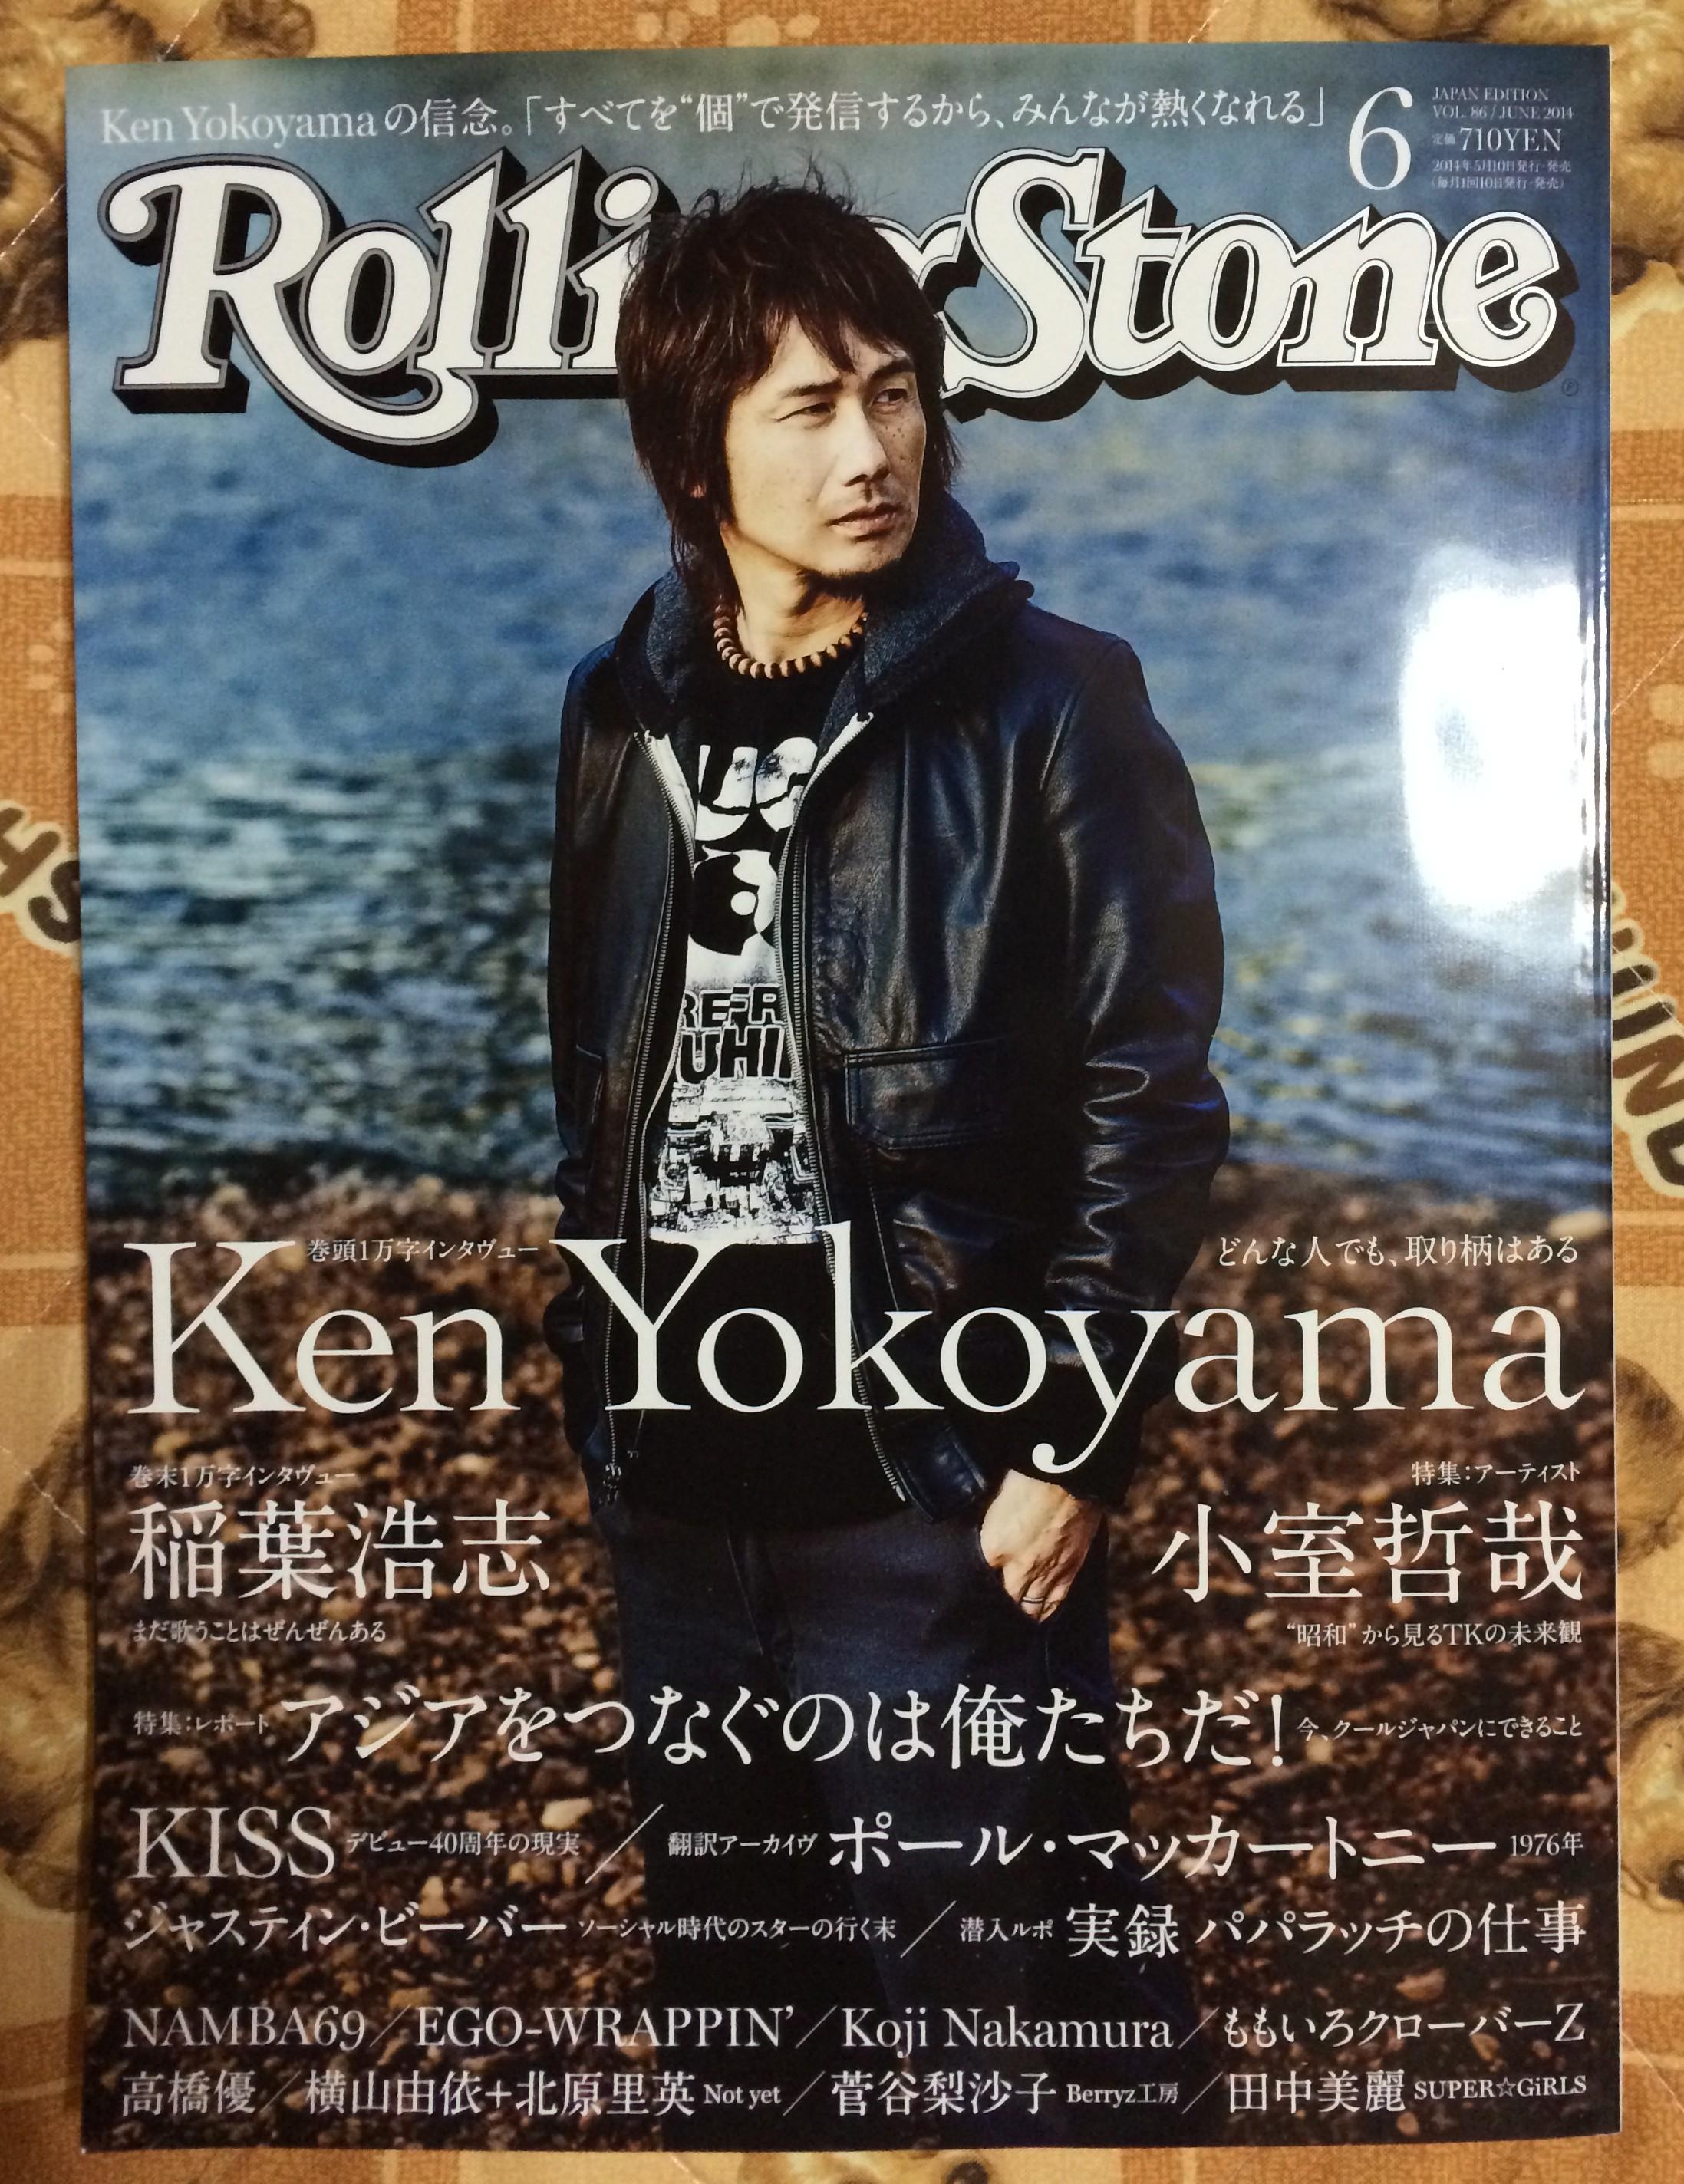 稲葉浩志1万字インタビュー「ローリングストーン」を遂に購入&感想も!